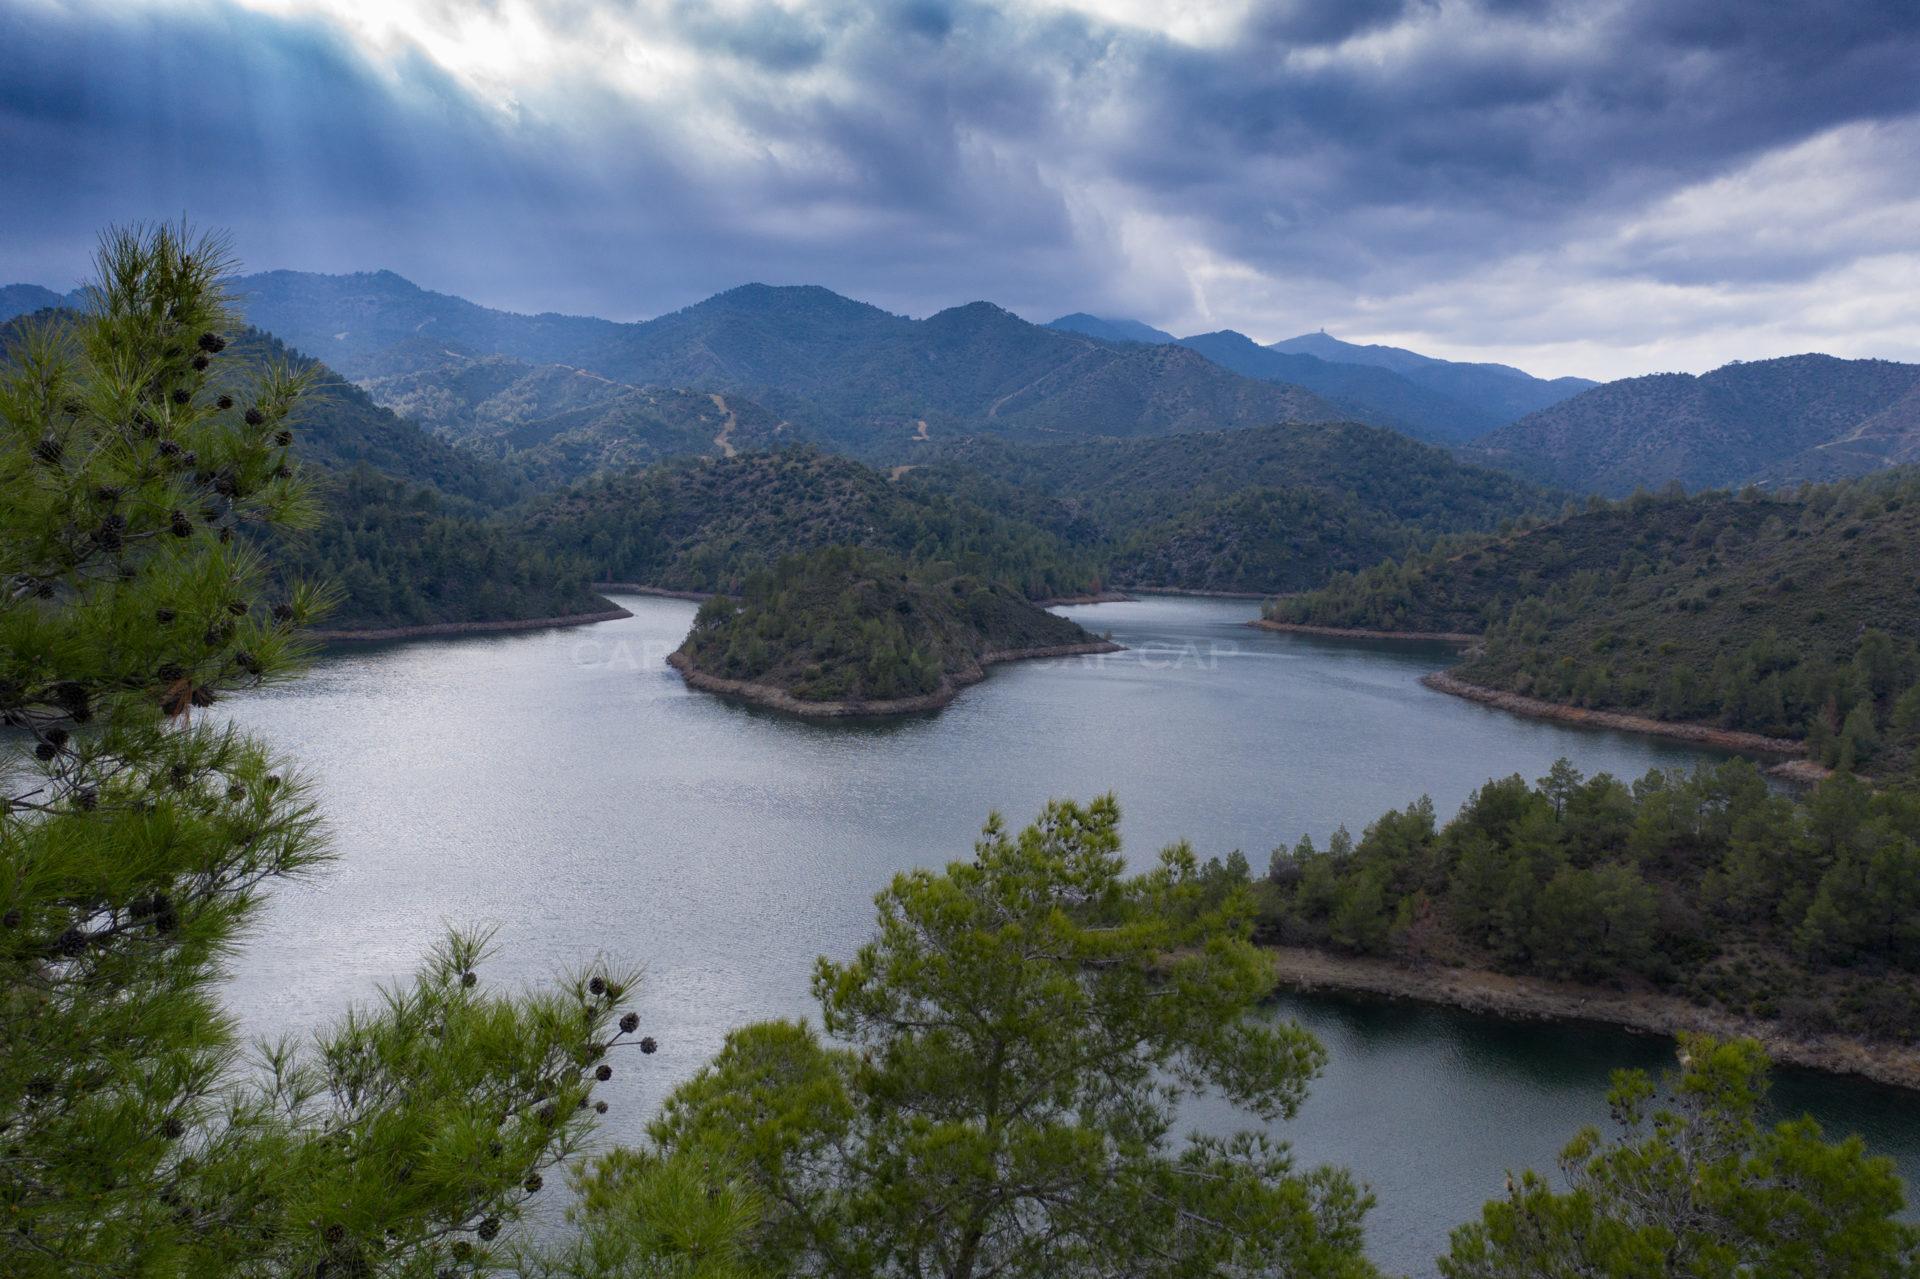 Lefkara dam